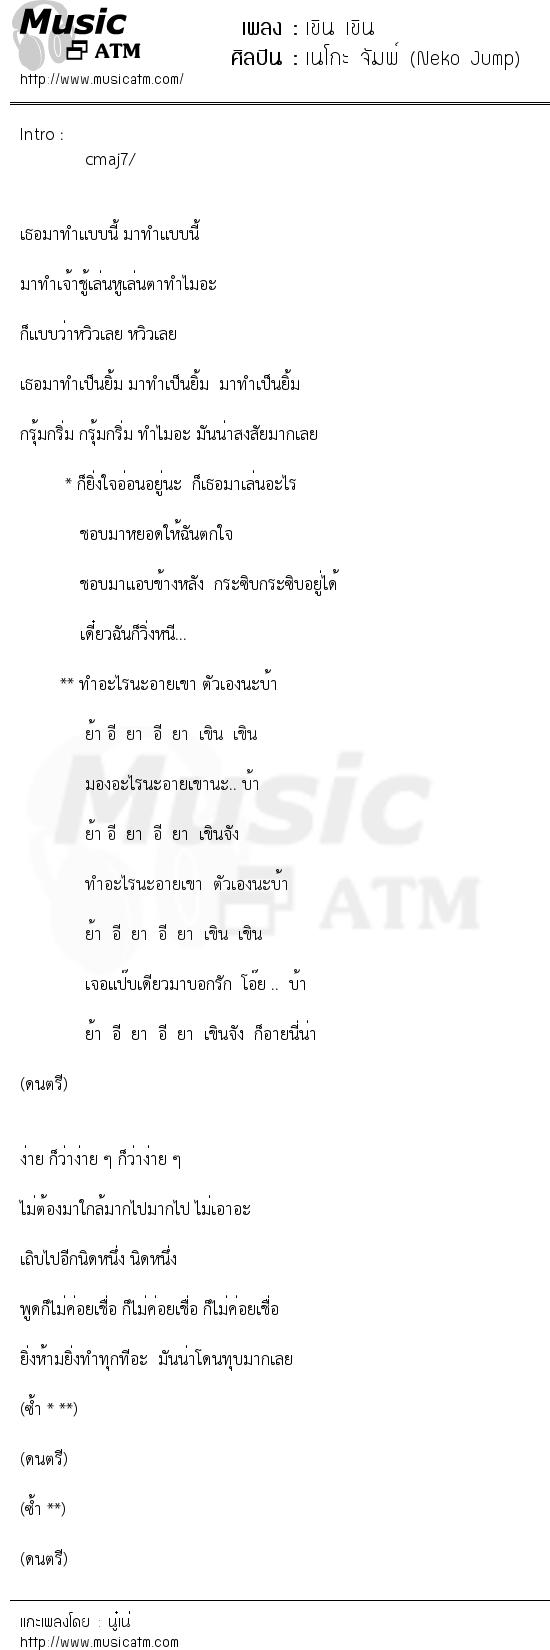 เนื้อเพลง เขิน เขิน - เนโกะ จัมพ์ (Neko Jump) | เพลงไทย